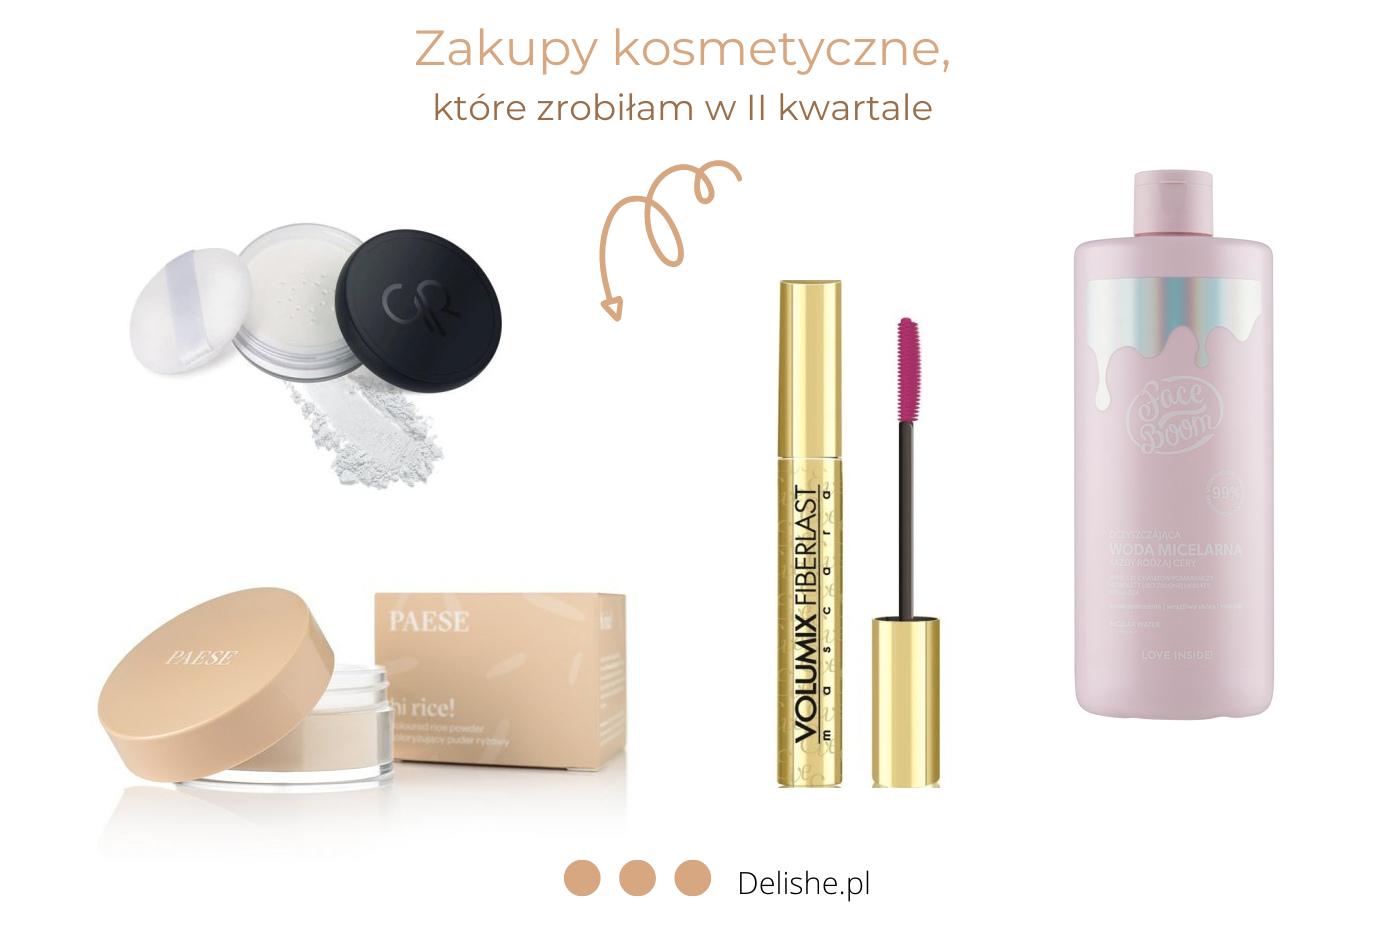 zakupy kosmetyczne